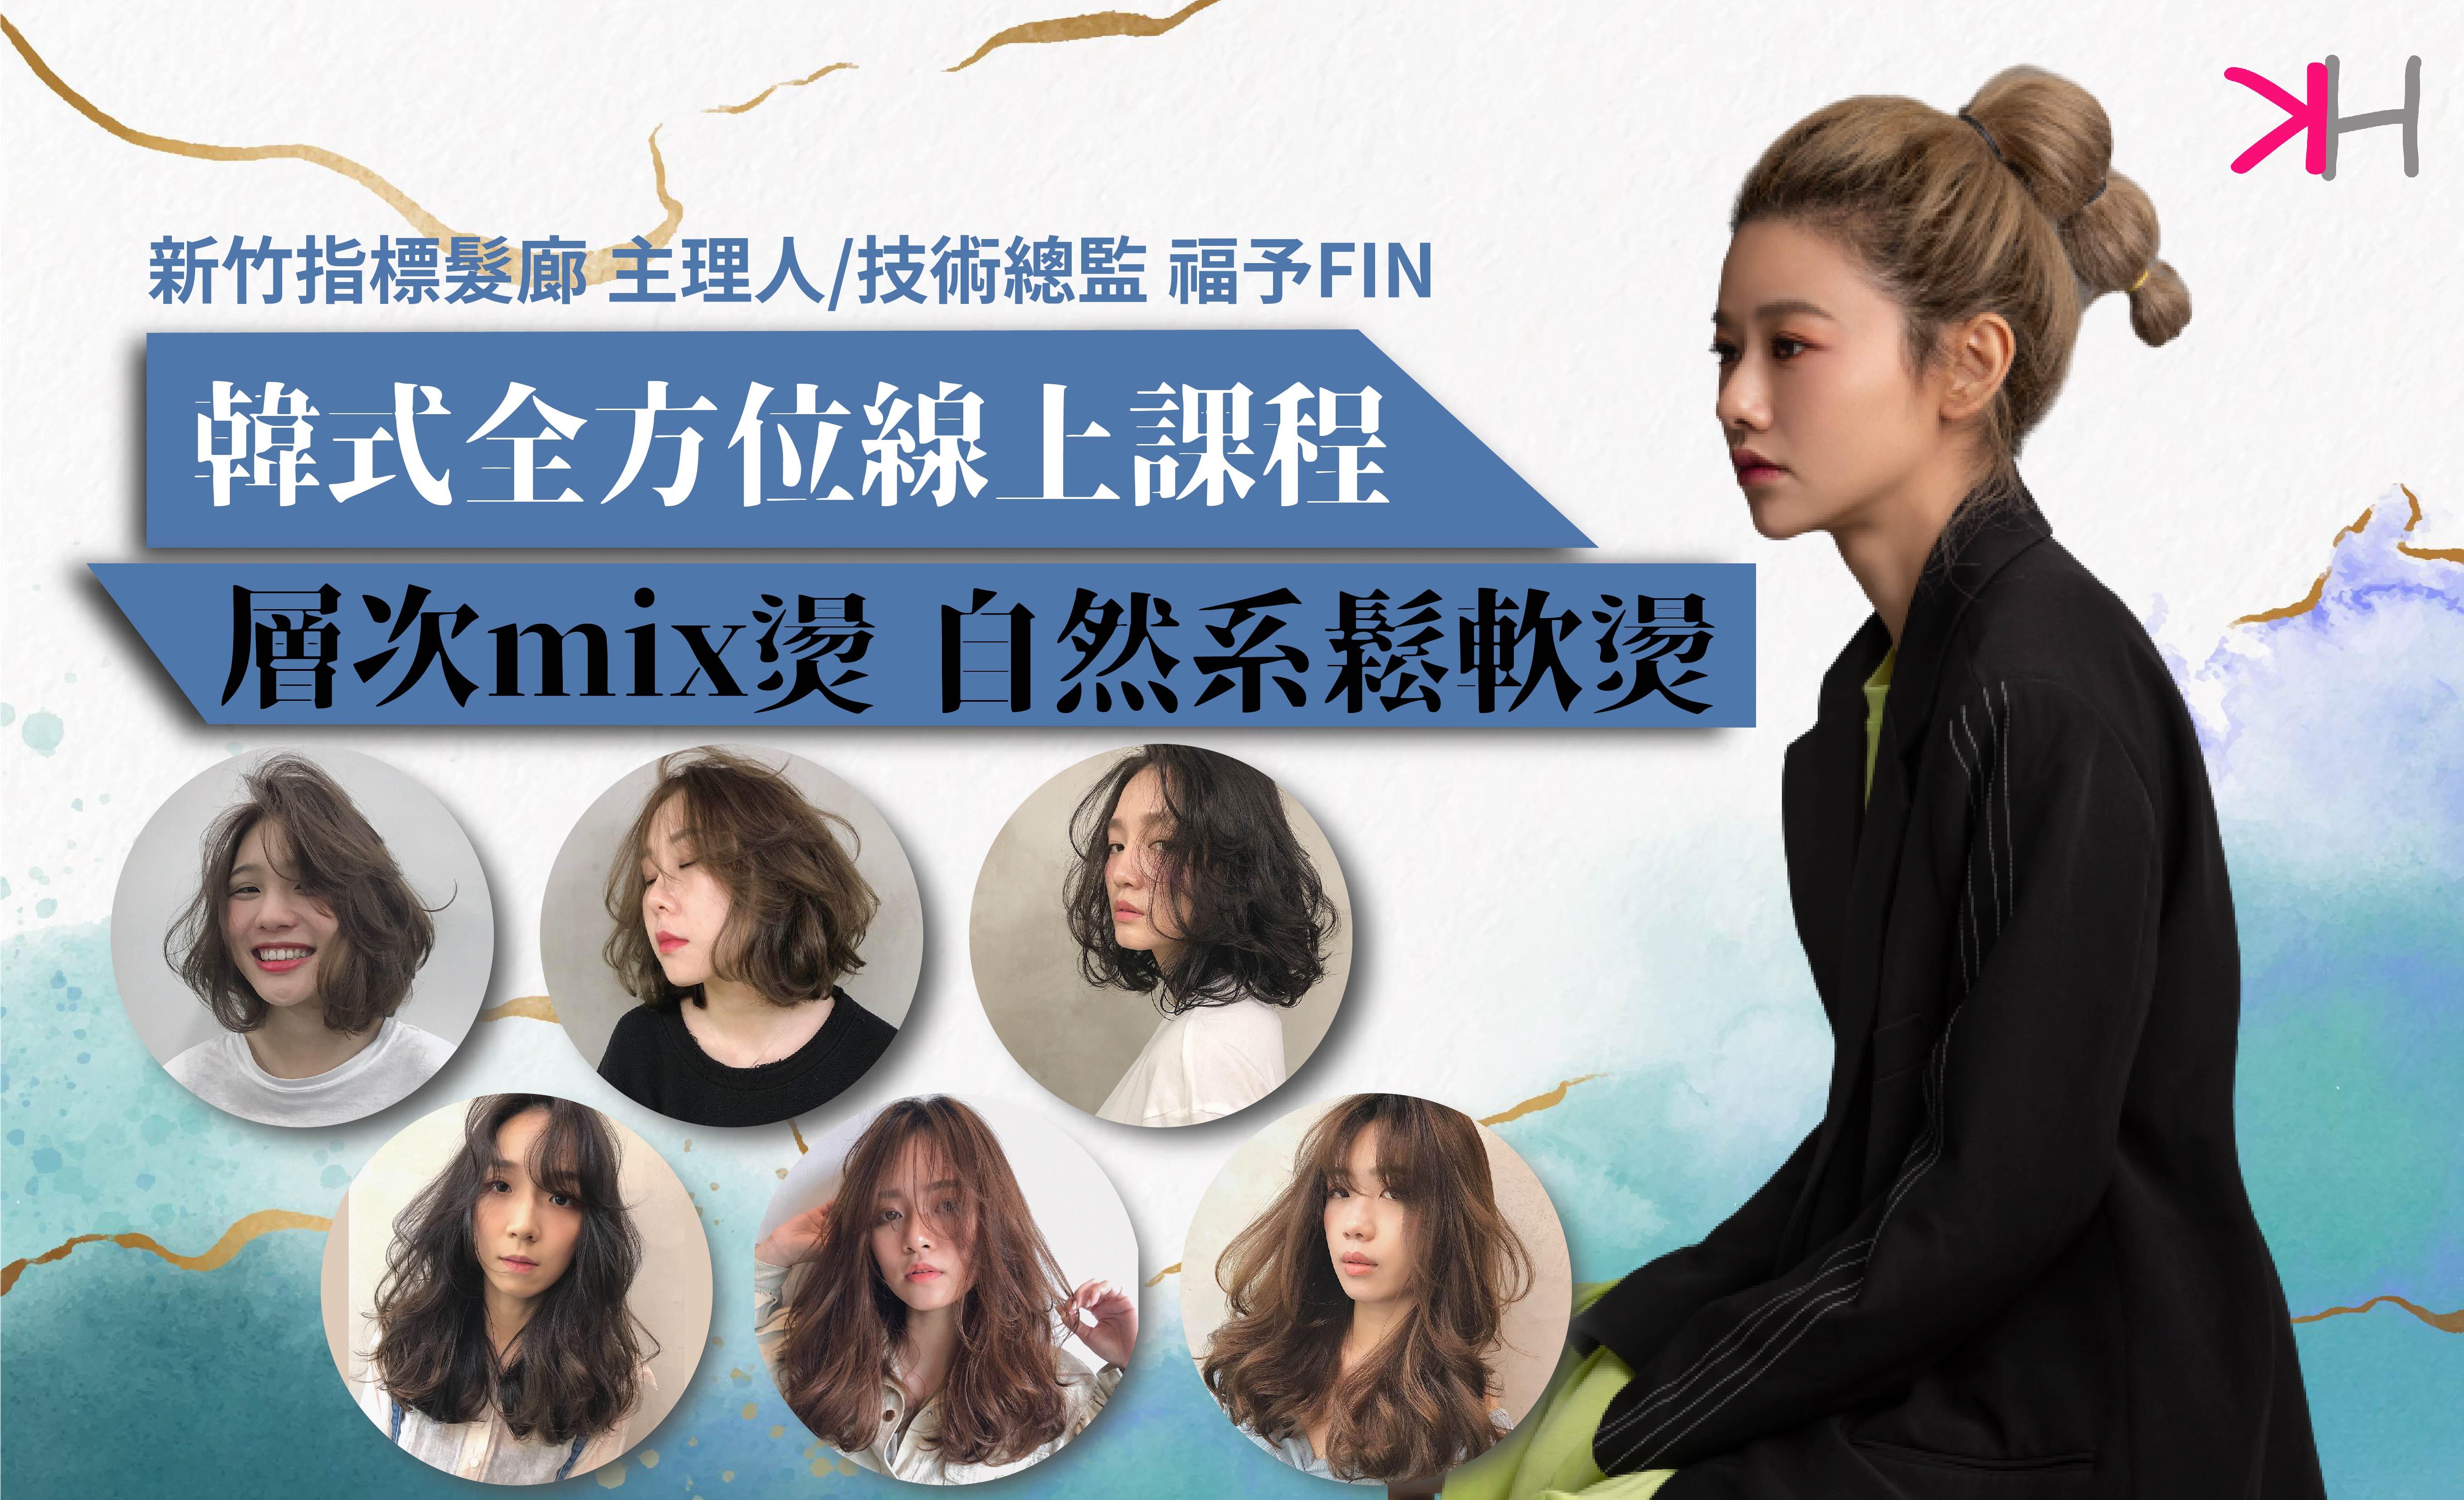 FIN 韓式全方位線上課程